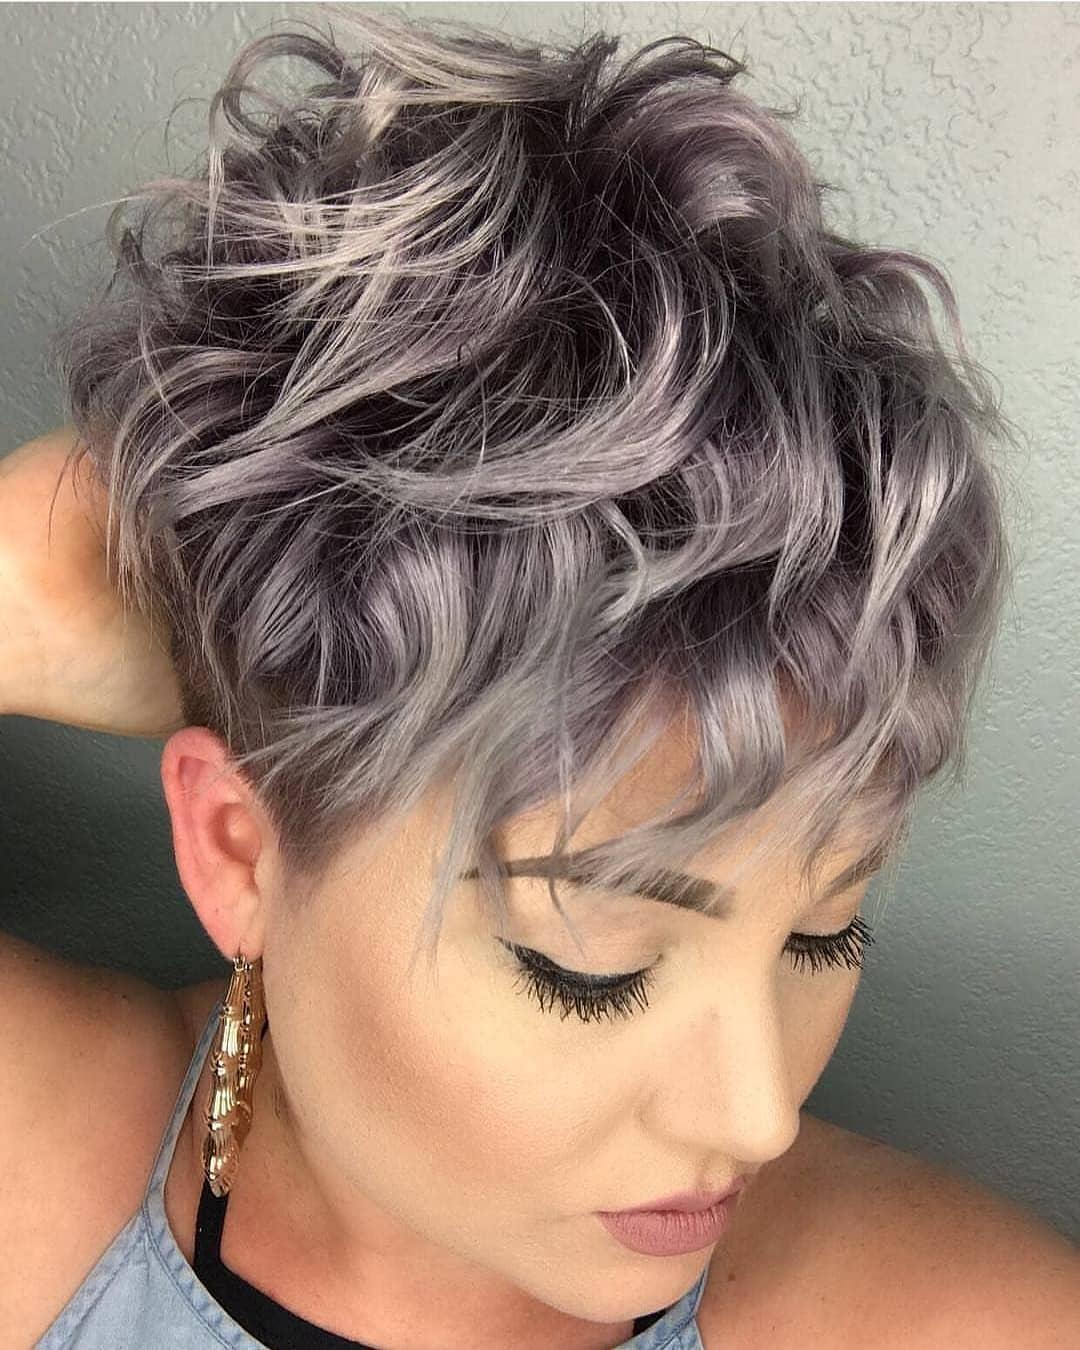 Pretty Pixie Haircut, Best Short Hair Style Ideas for Women